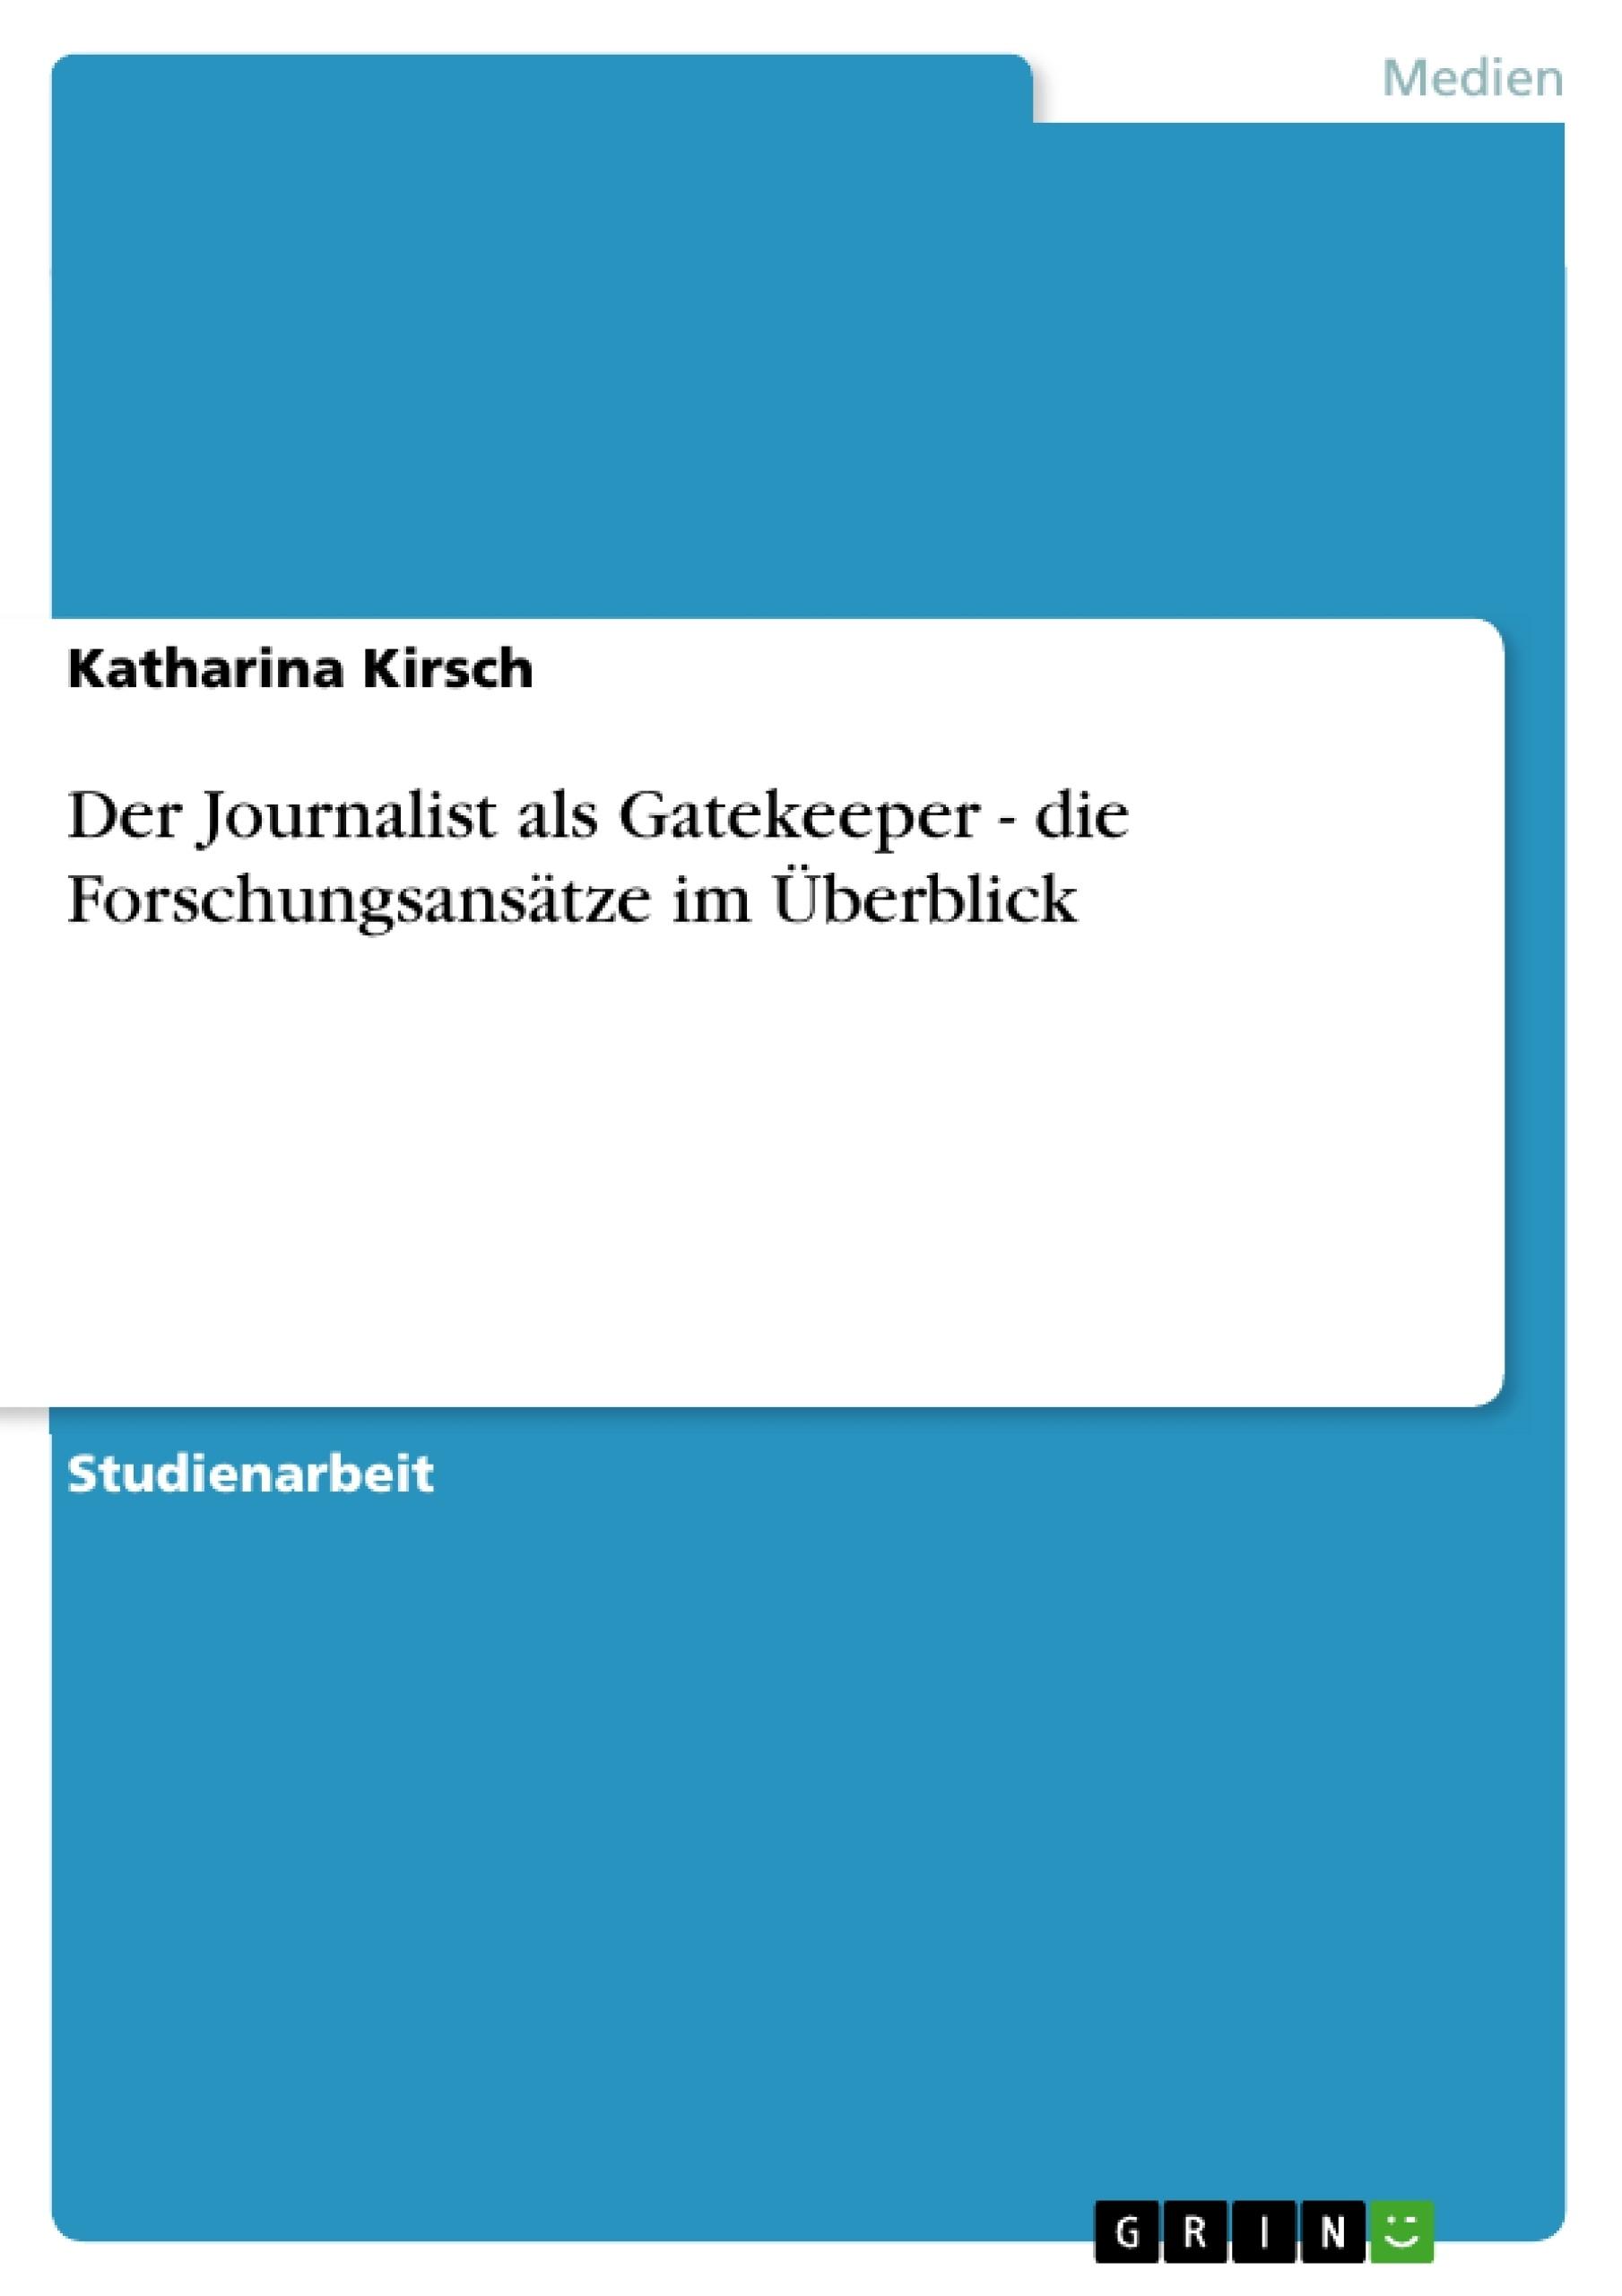 Titel: Der Journalist als Gatekeeper - die Forschungsansätze im Überblick